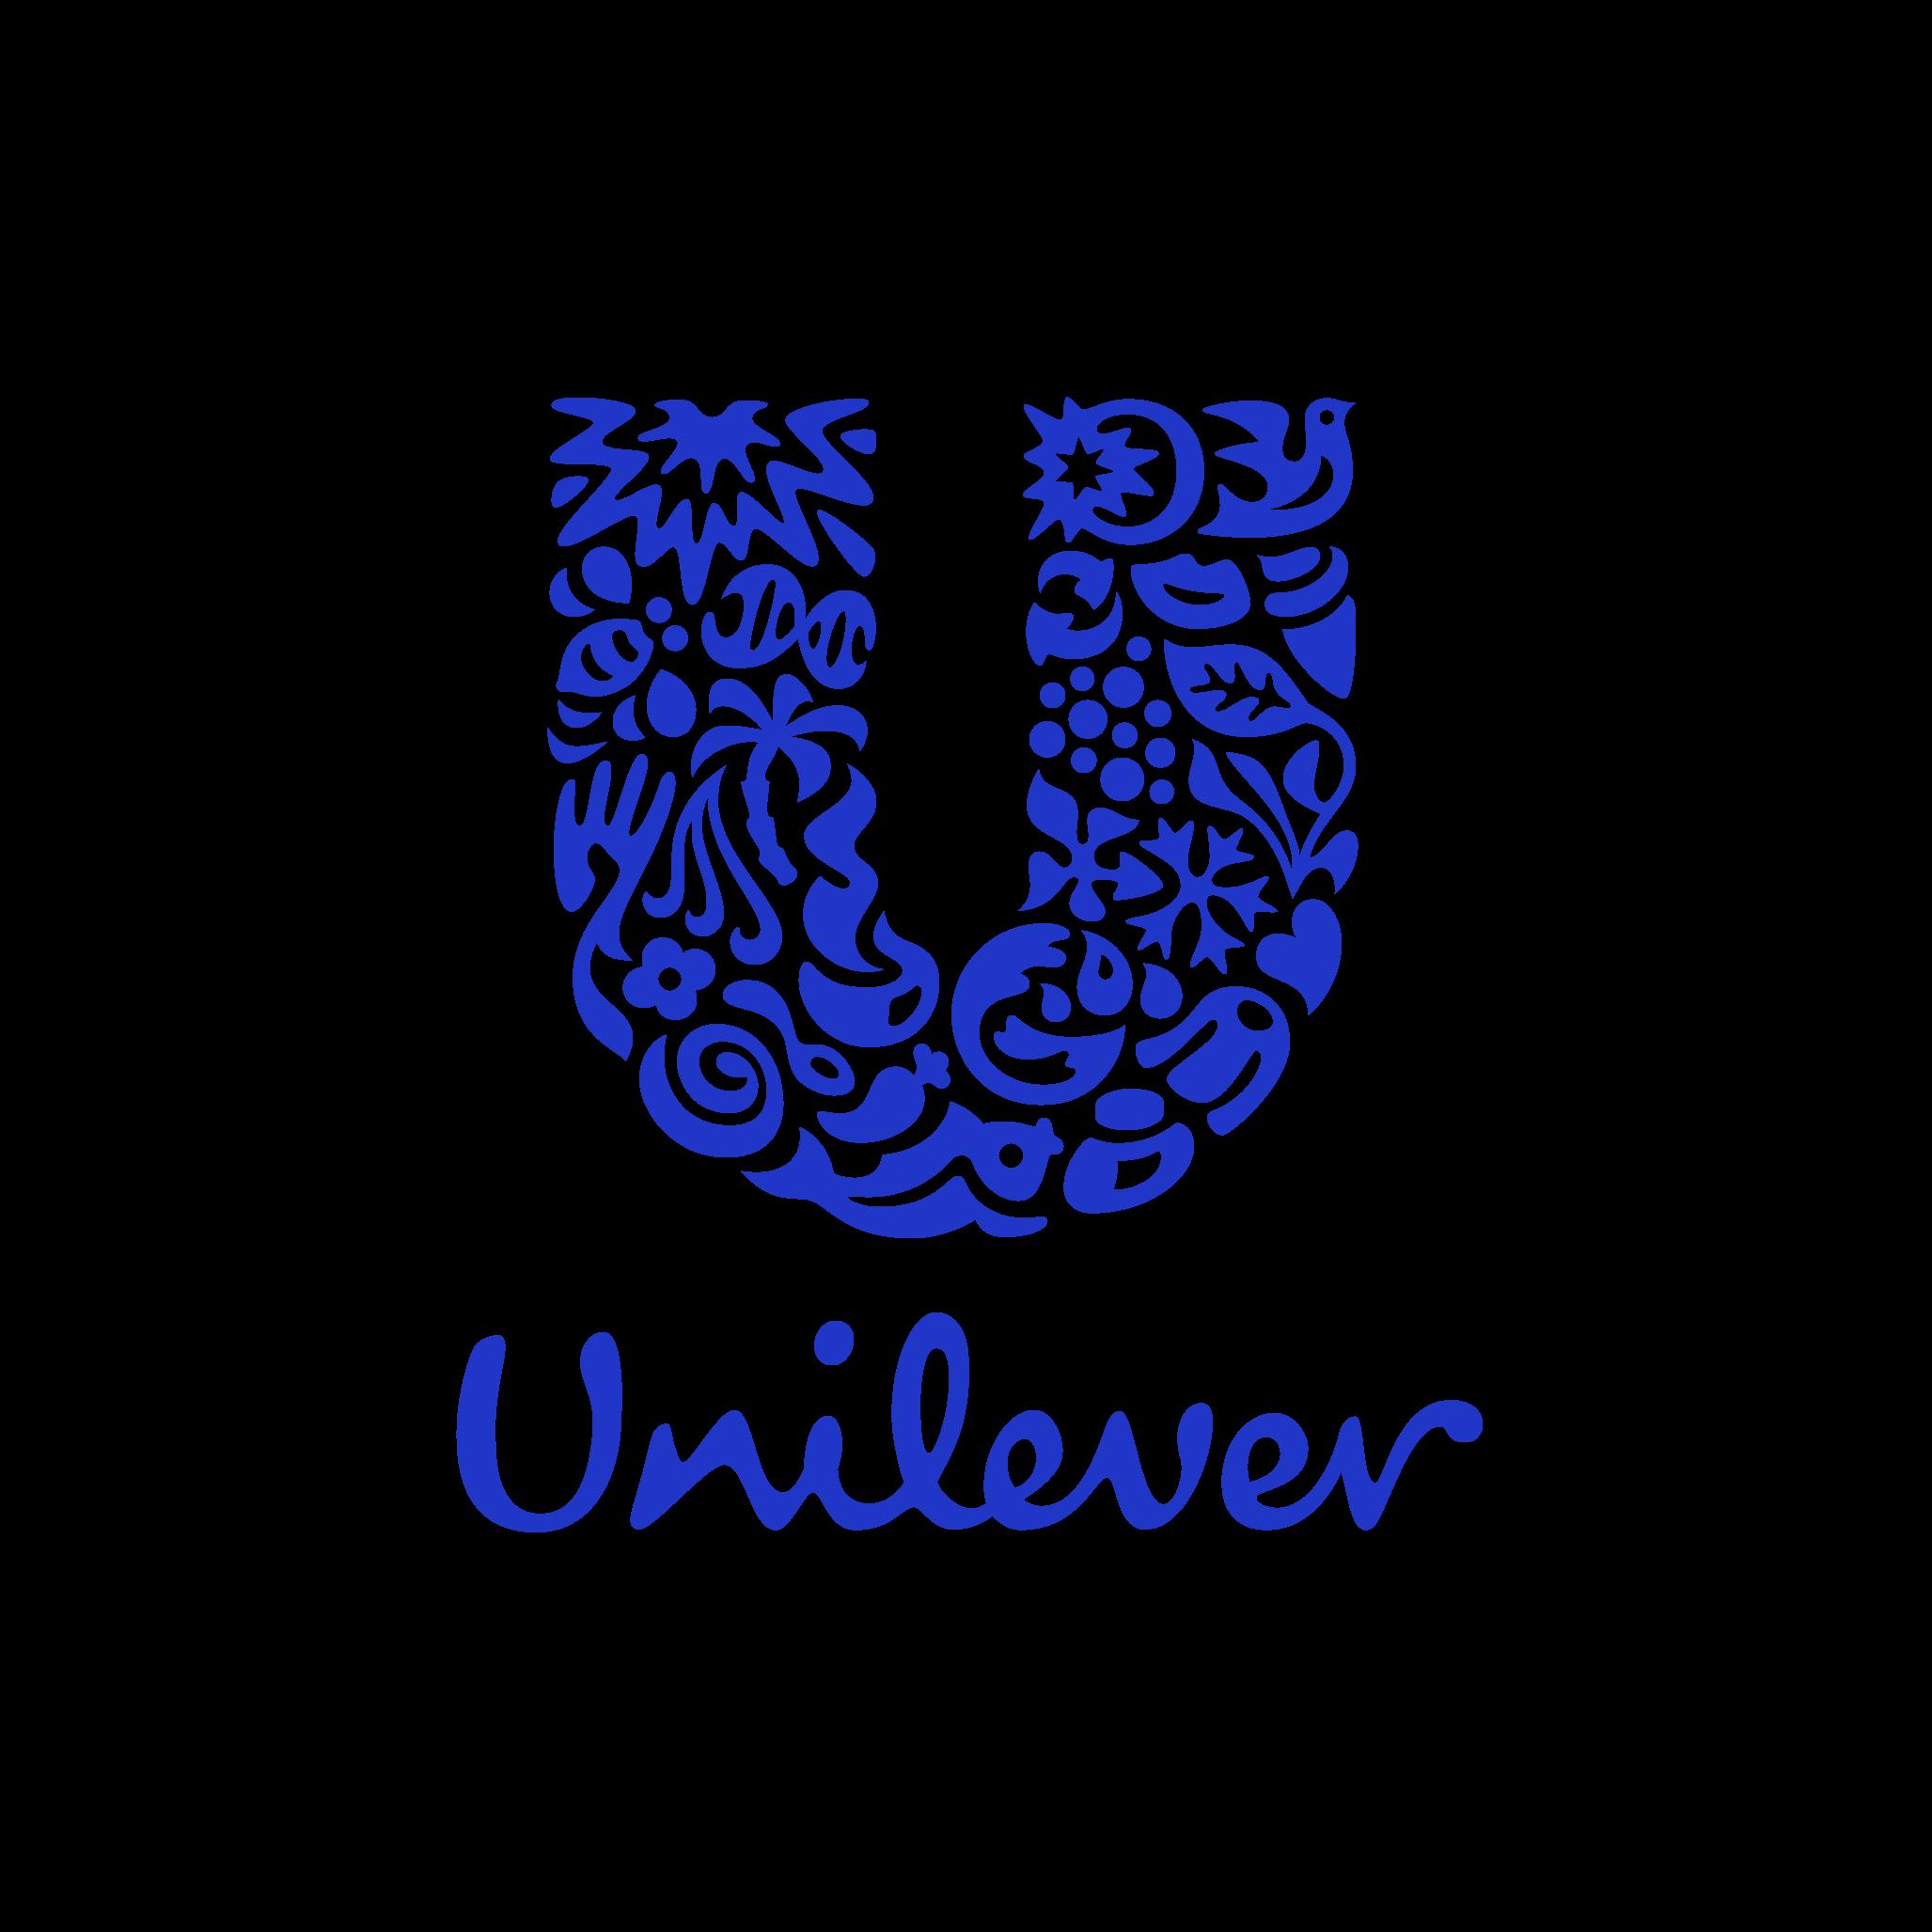 Unilever.com